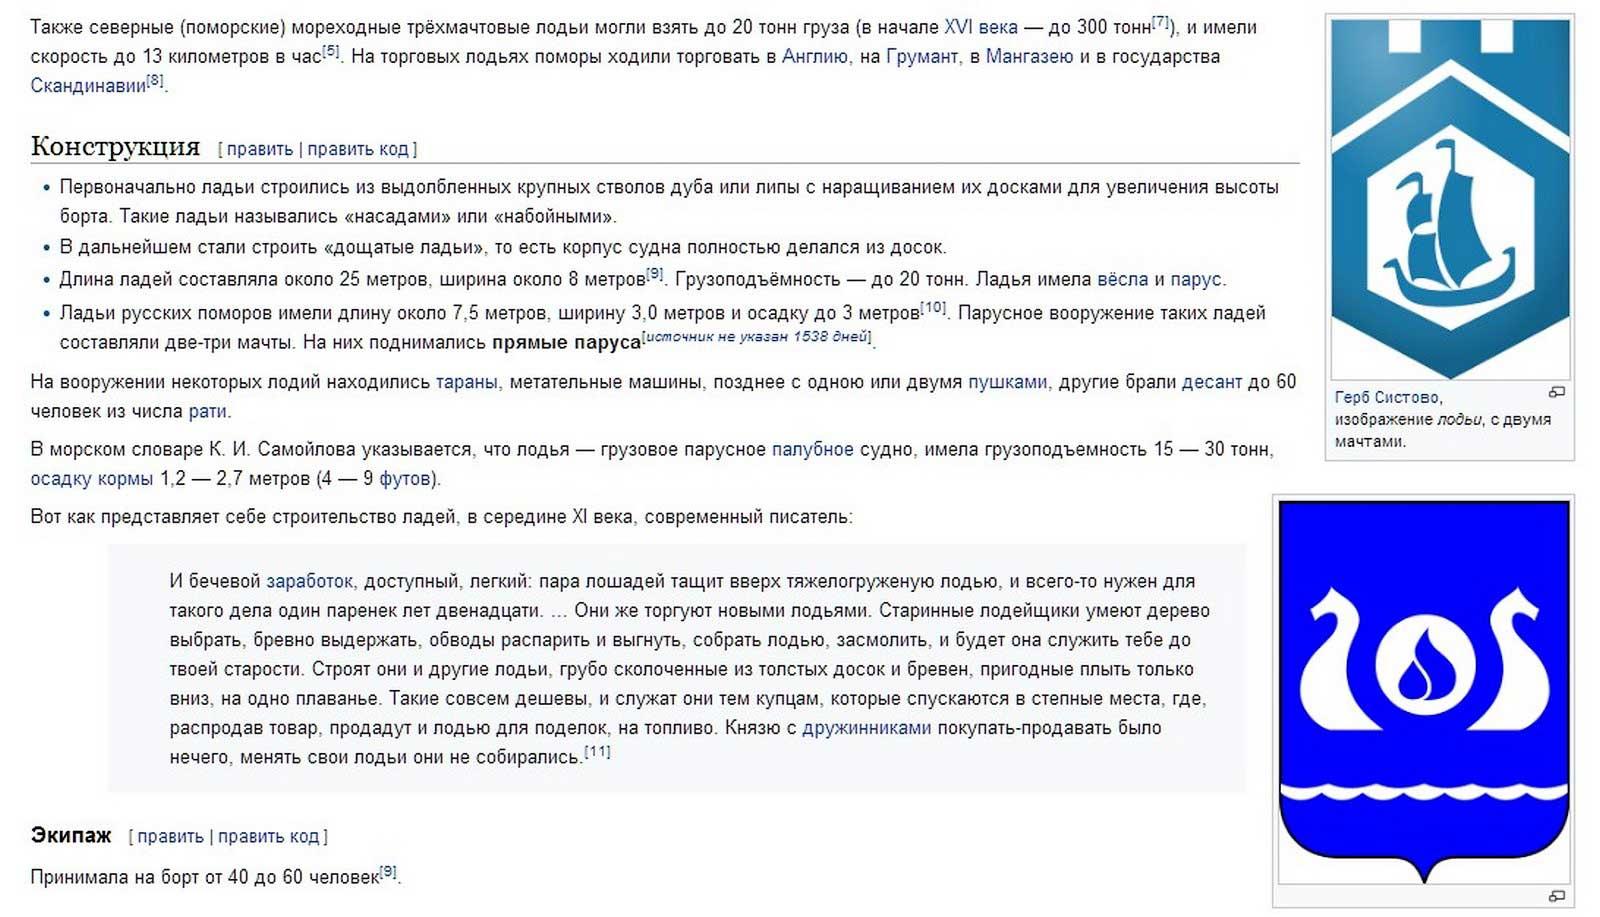 Конструкция первых кораблей Древней Руси